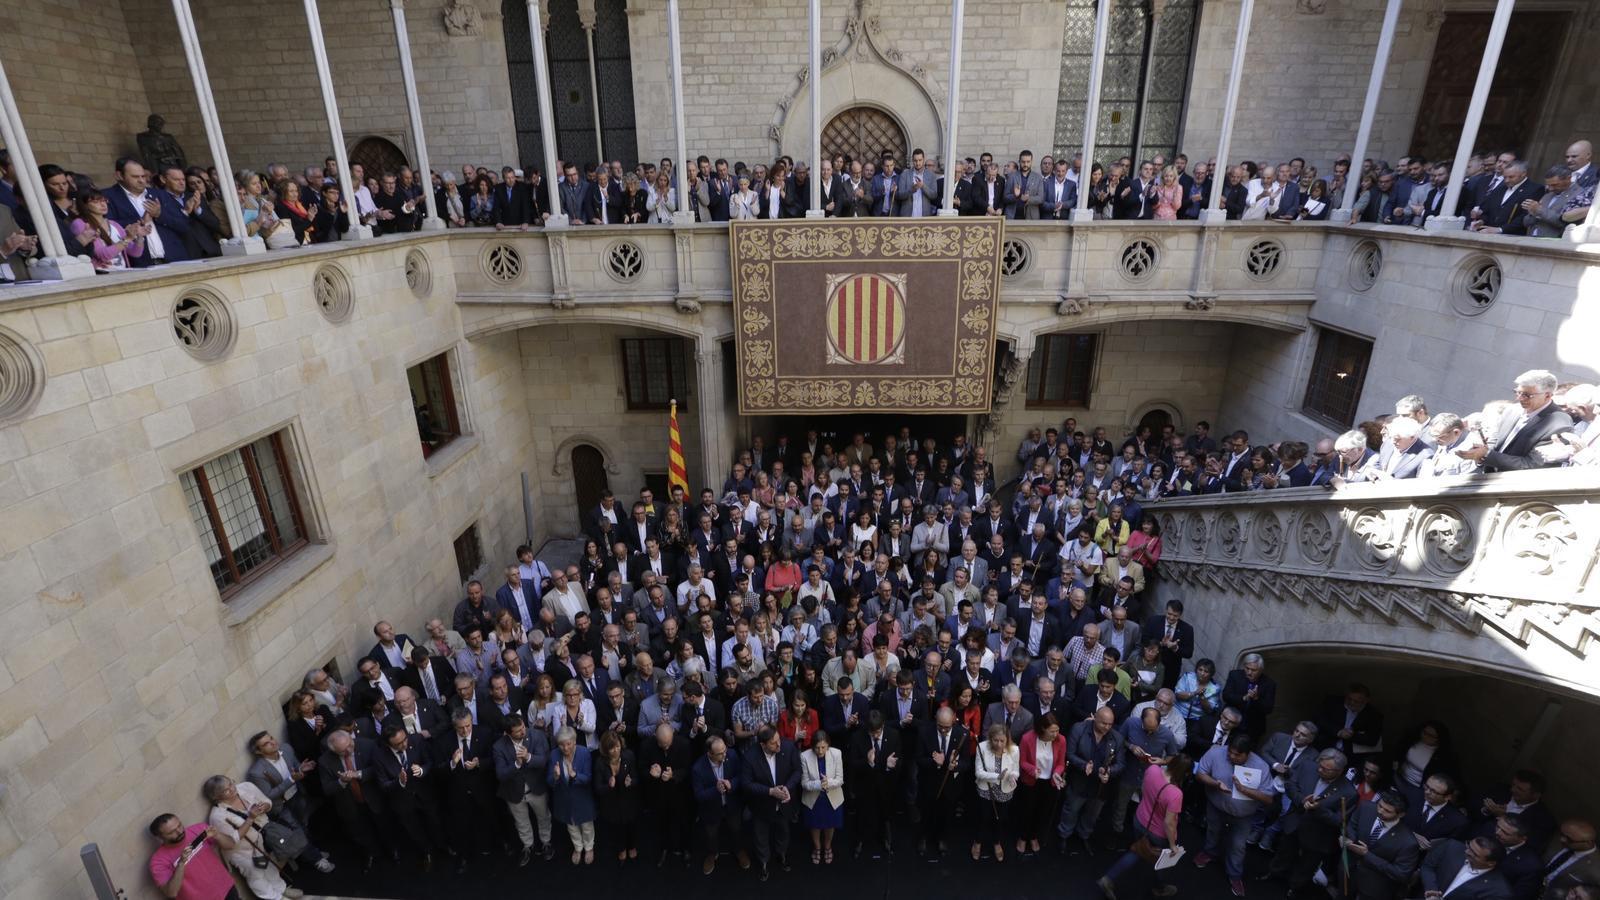 Els alcaldes, amb el Govern al capdavant, al pati dels carruatges i la galeria gòtica del Palau